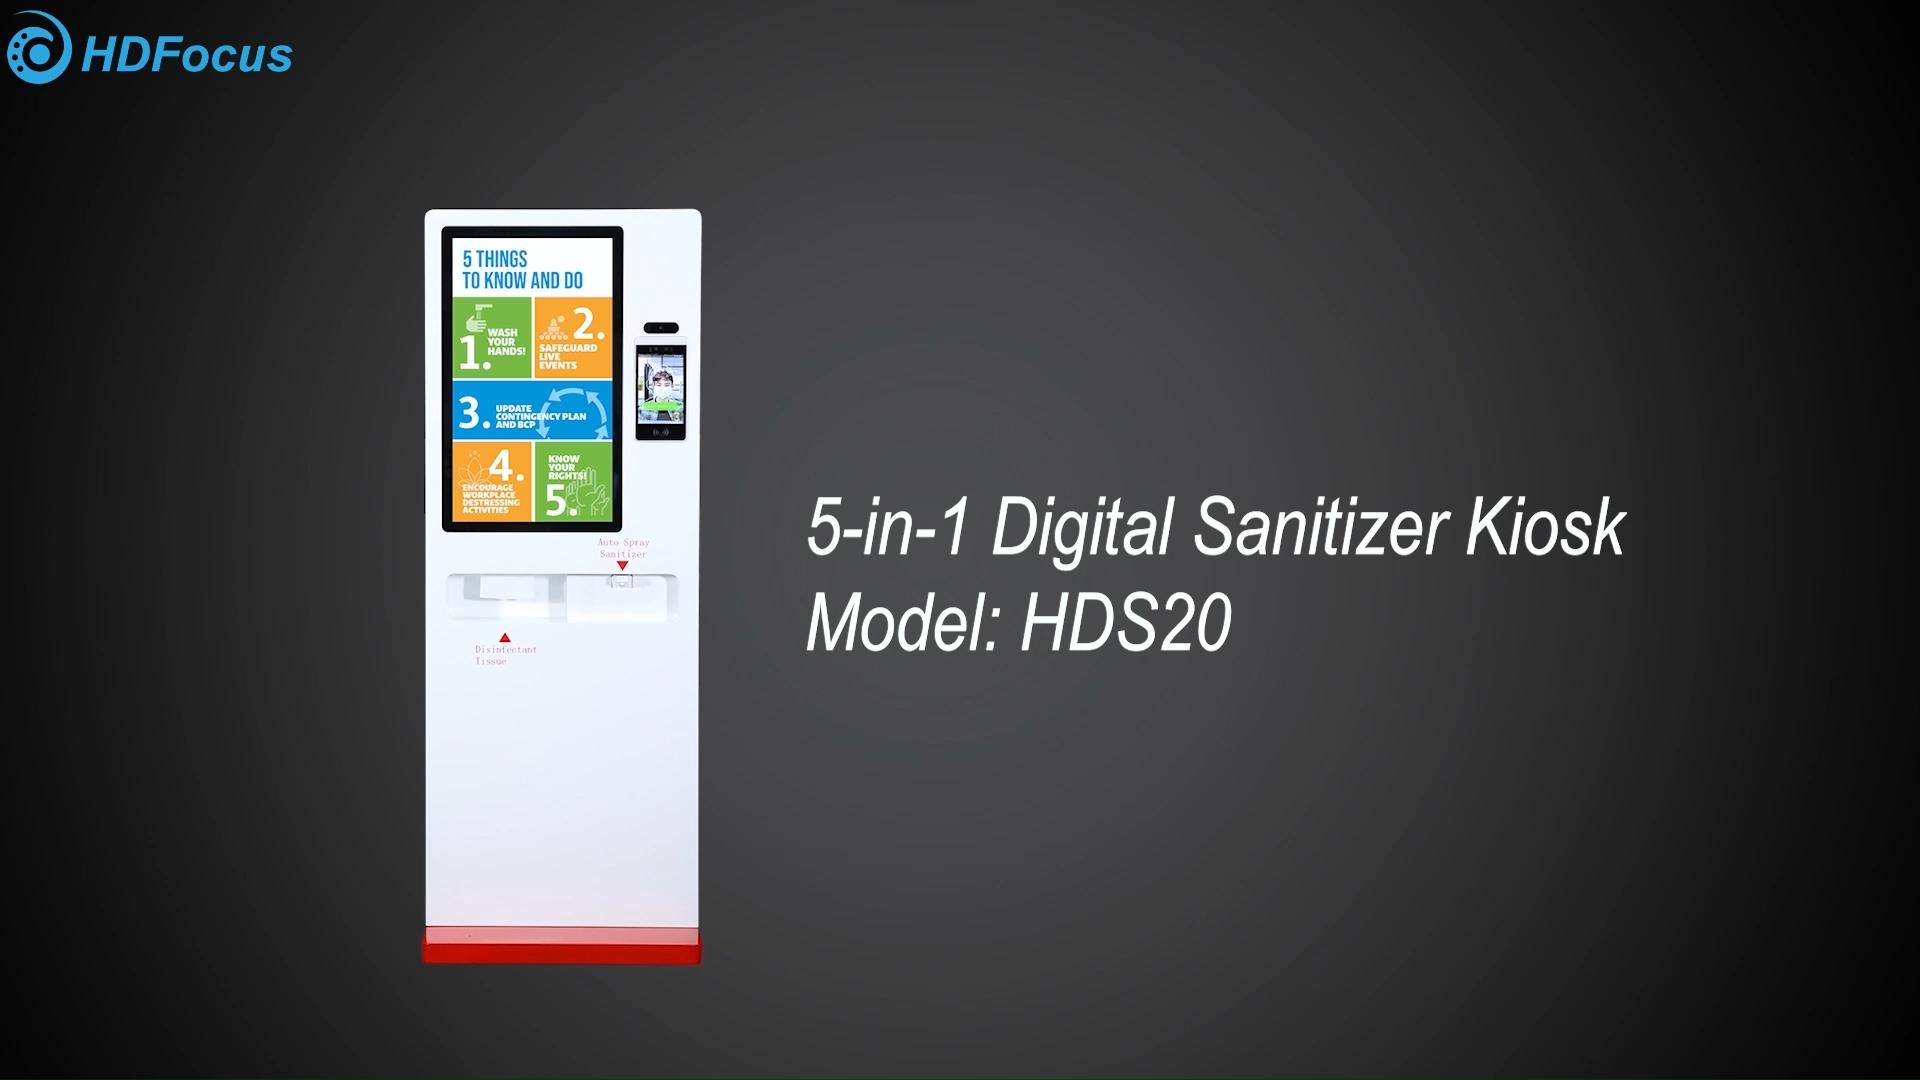 HDFocus автоматический ручной дезинфицирующий диспенсер цифровой Signage киоск